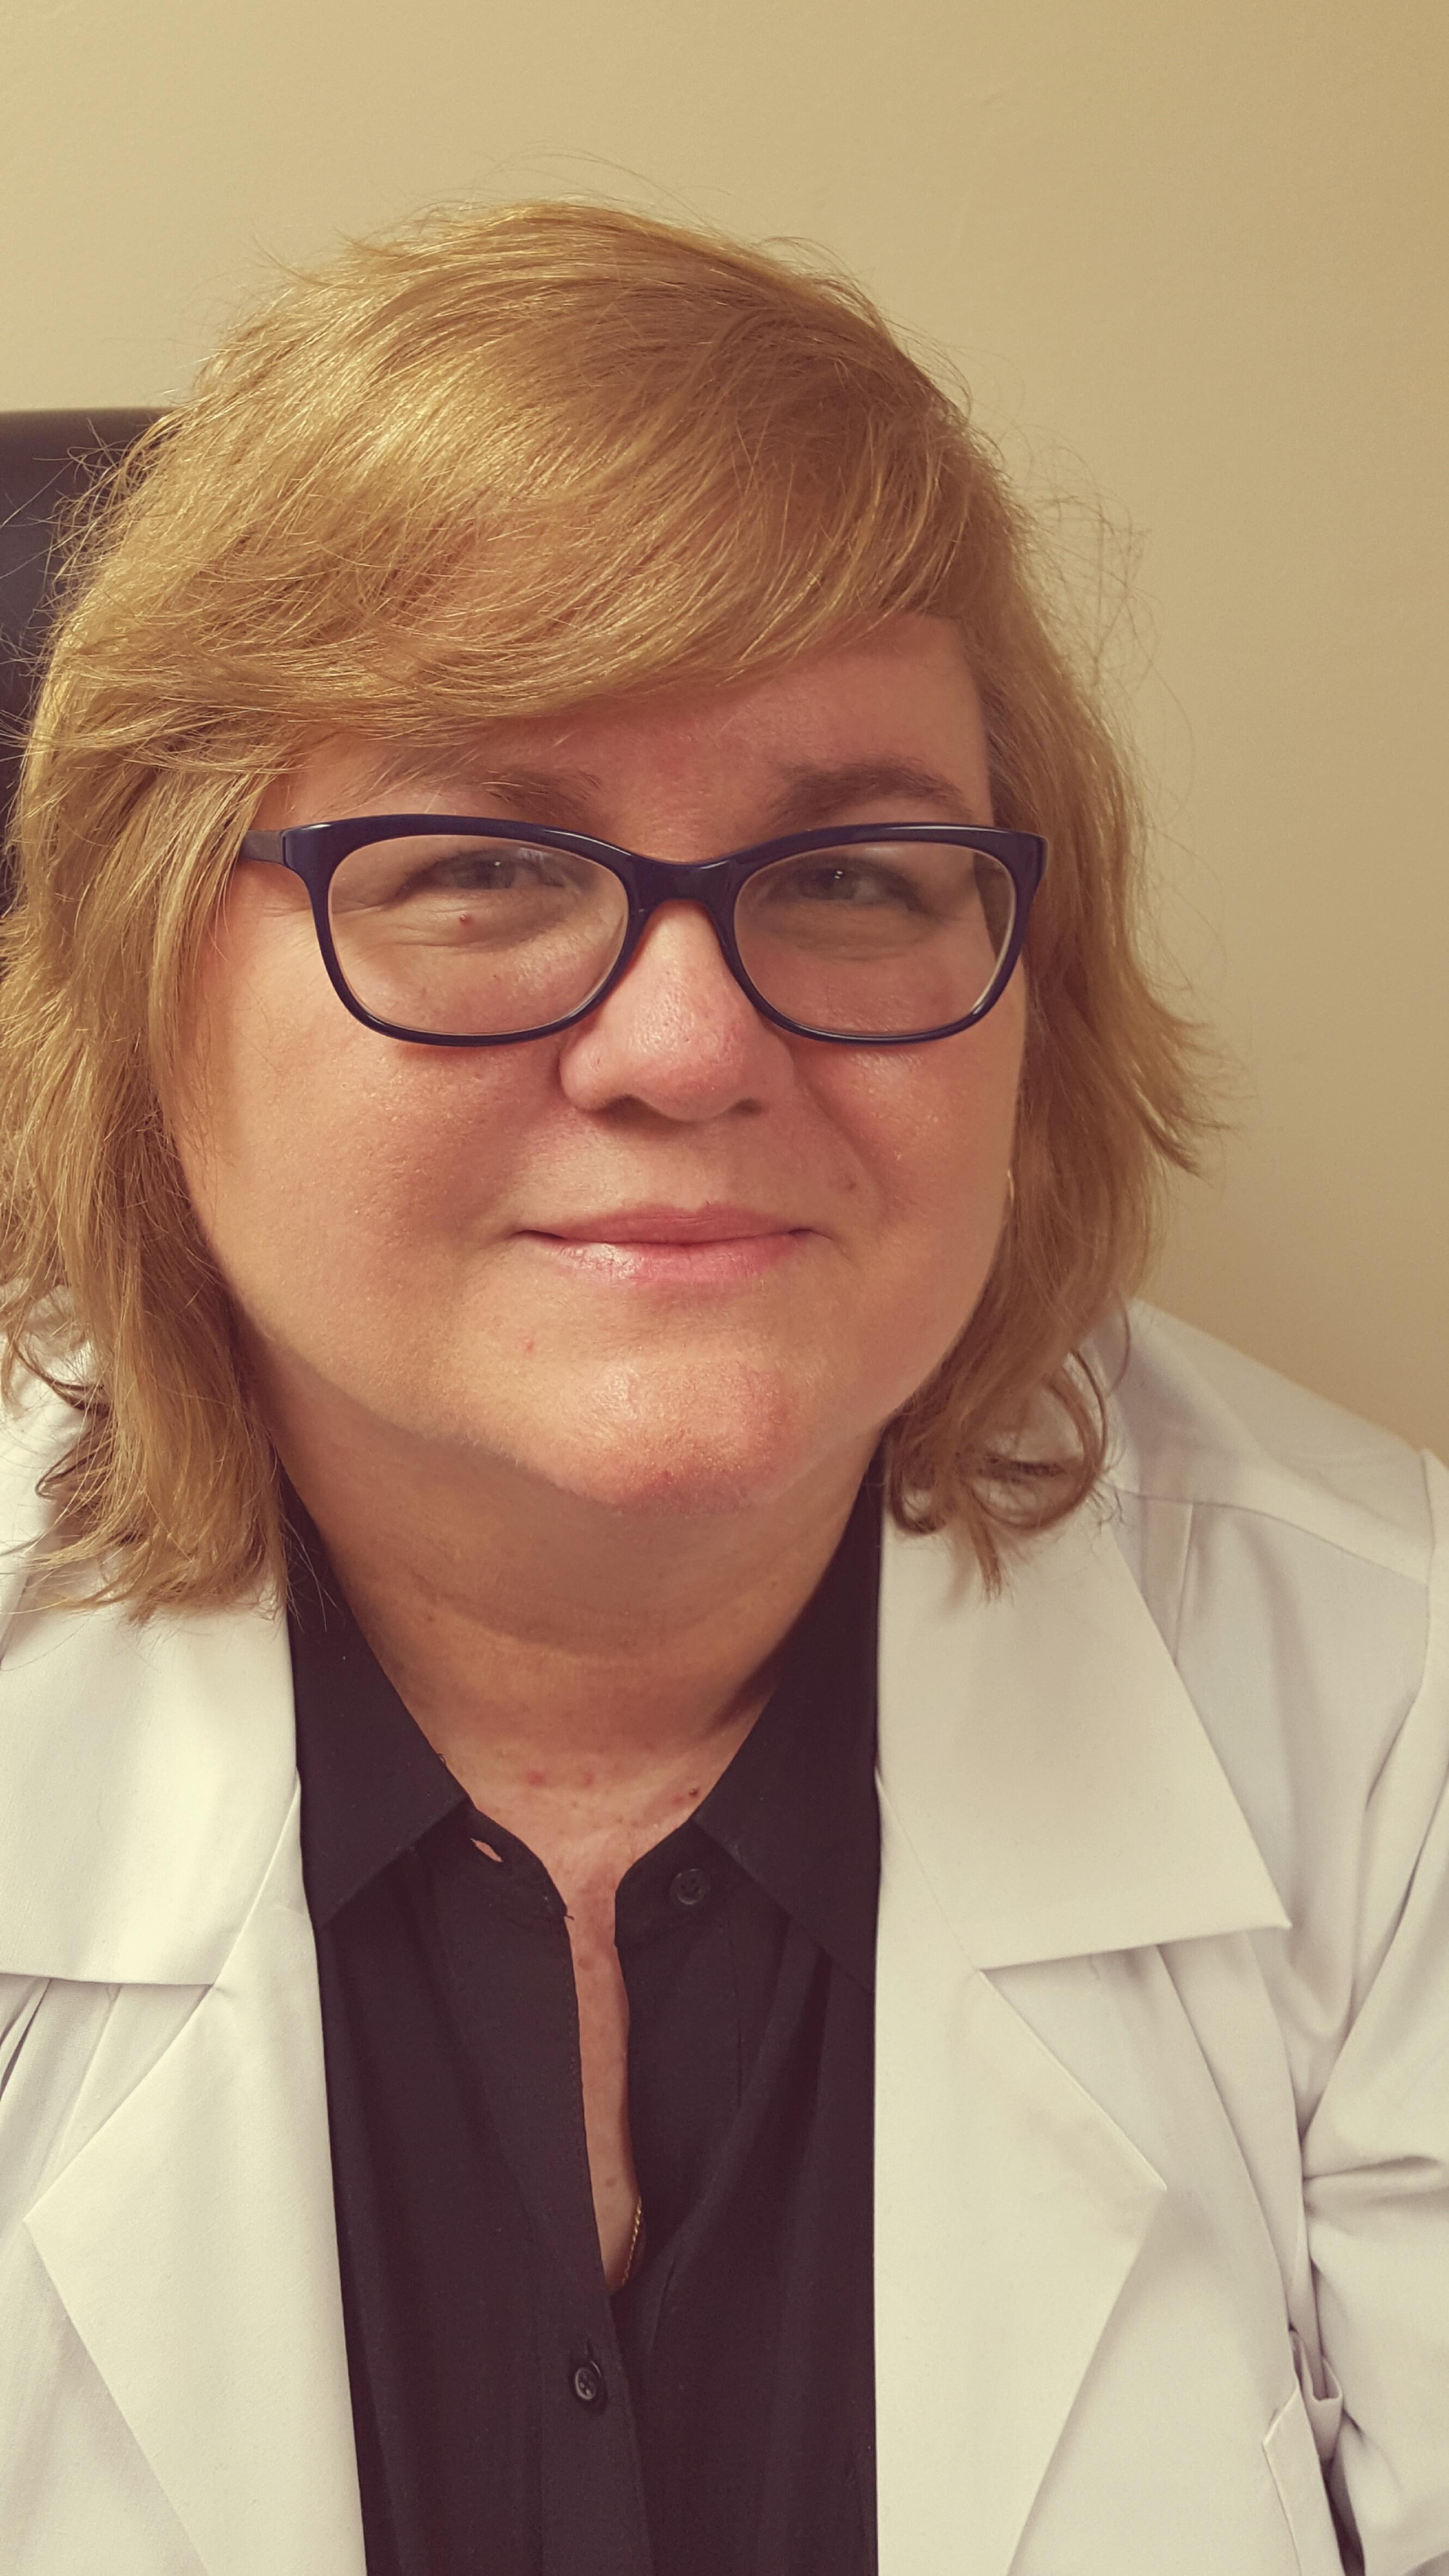 Dr. Jane Janer